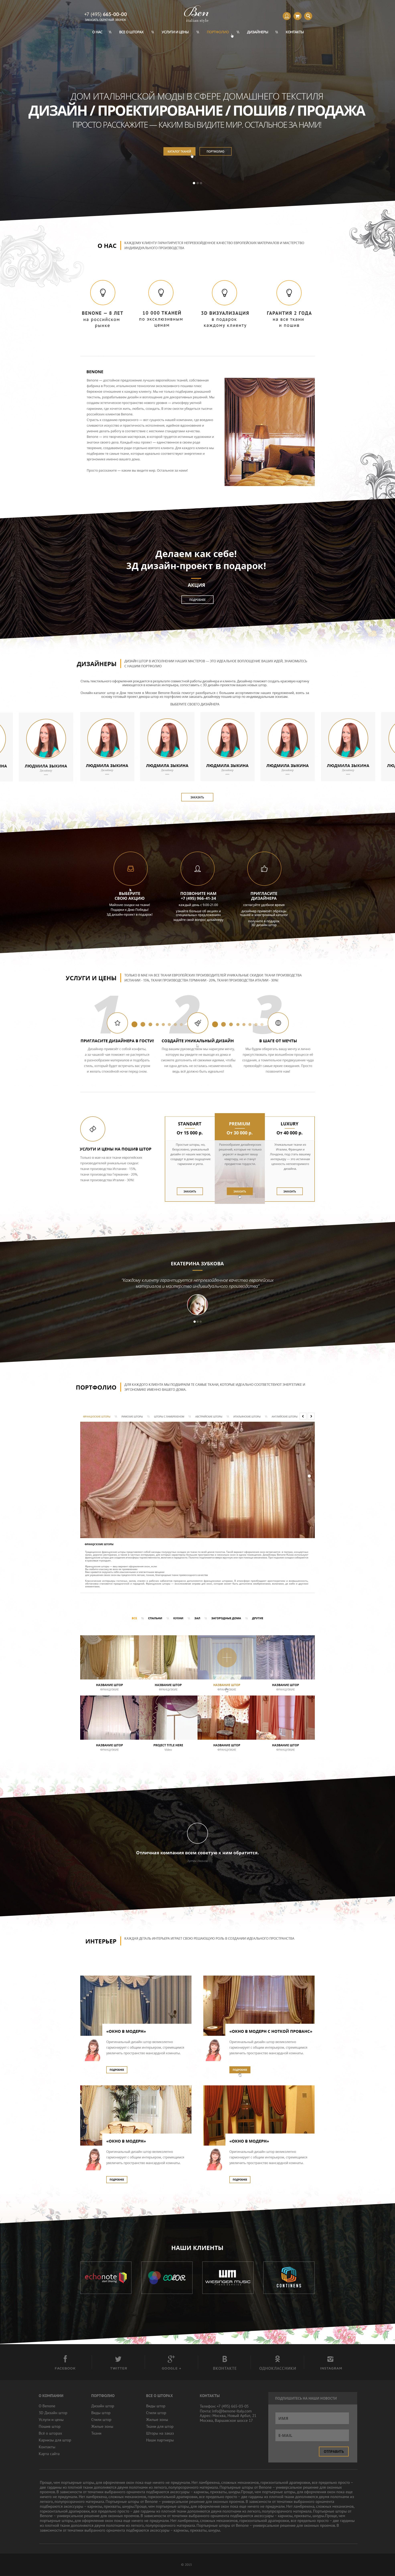 Шаблон сайта по продаже штор, текстиля